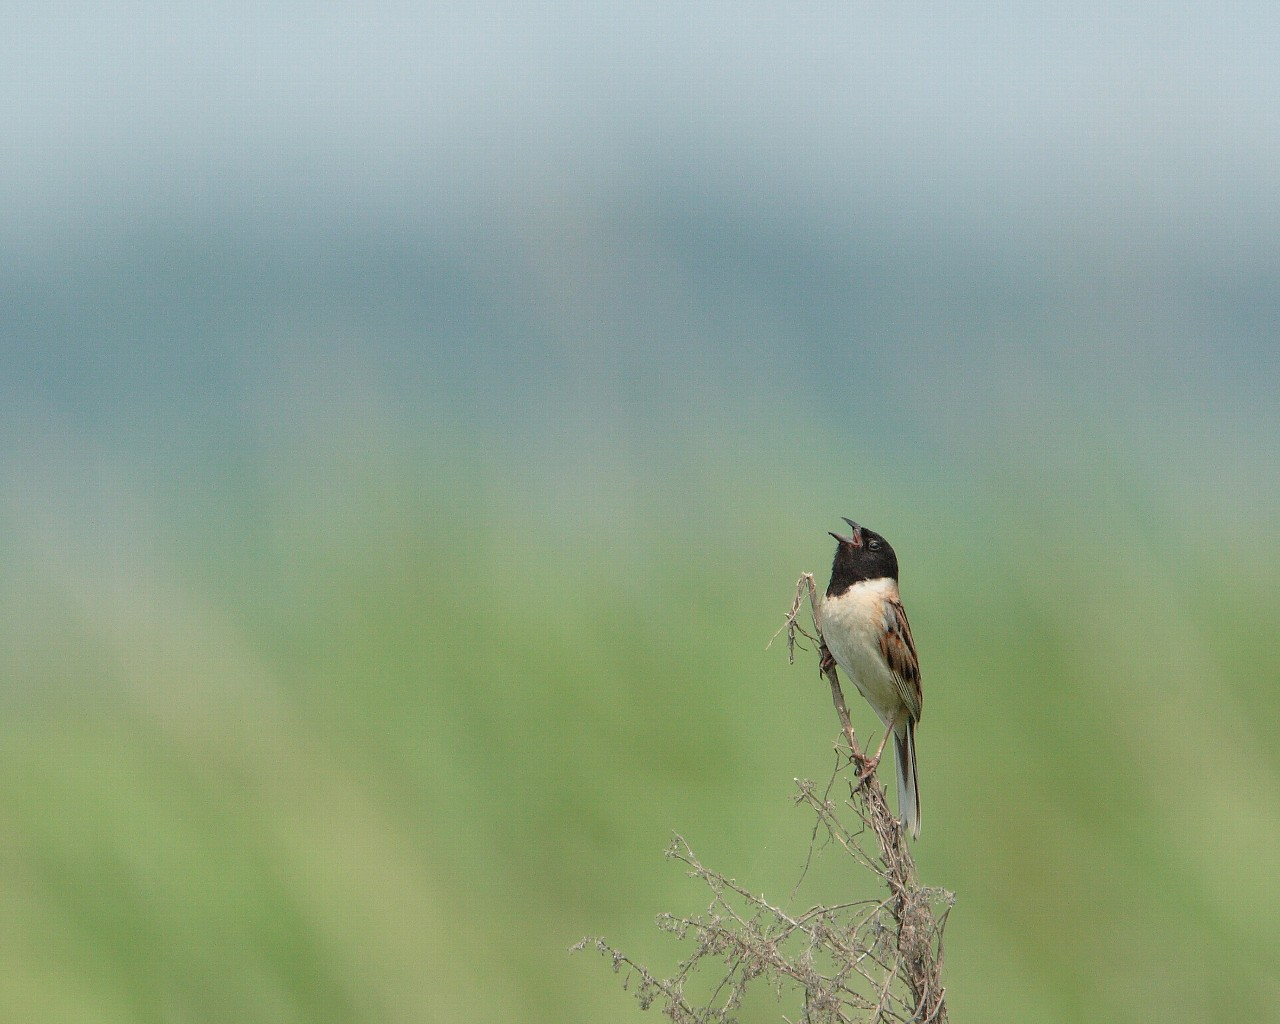 笹川は野鳥カメラマンに優しい土地です!_f0105570_22561971.jpg